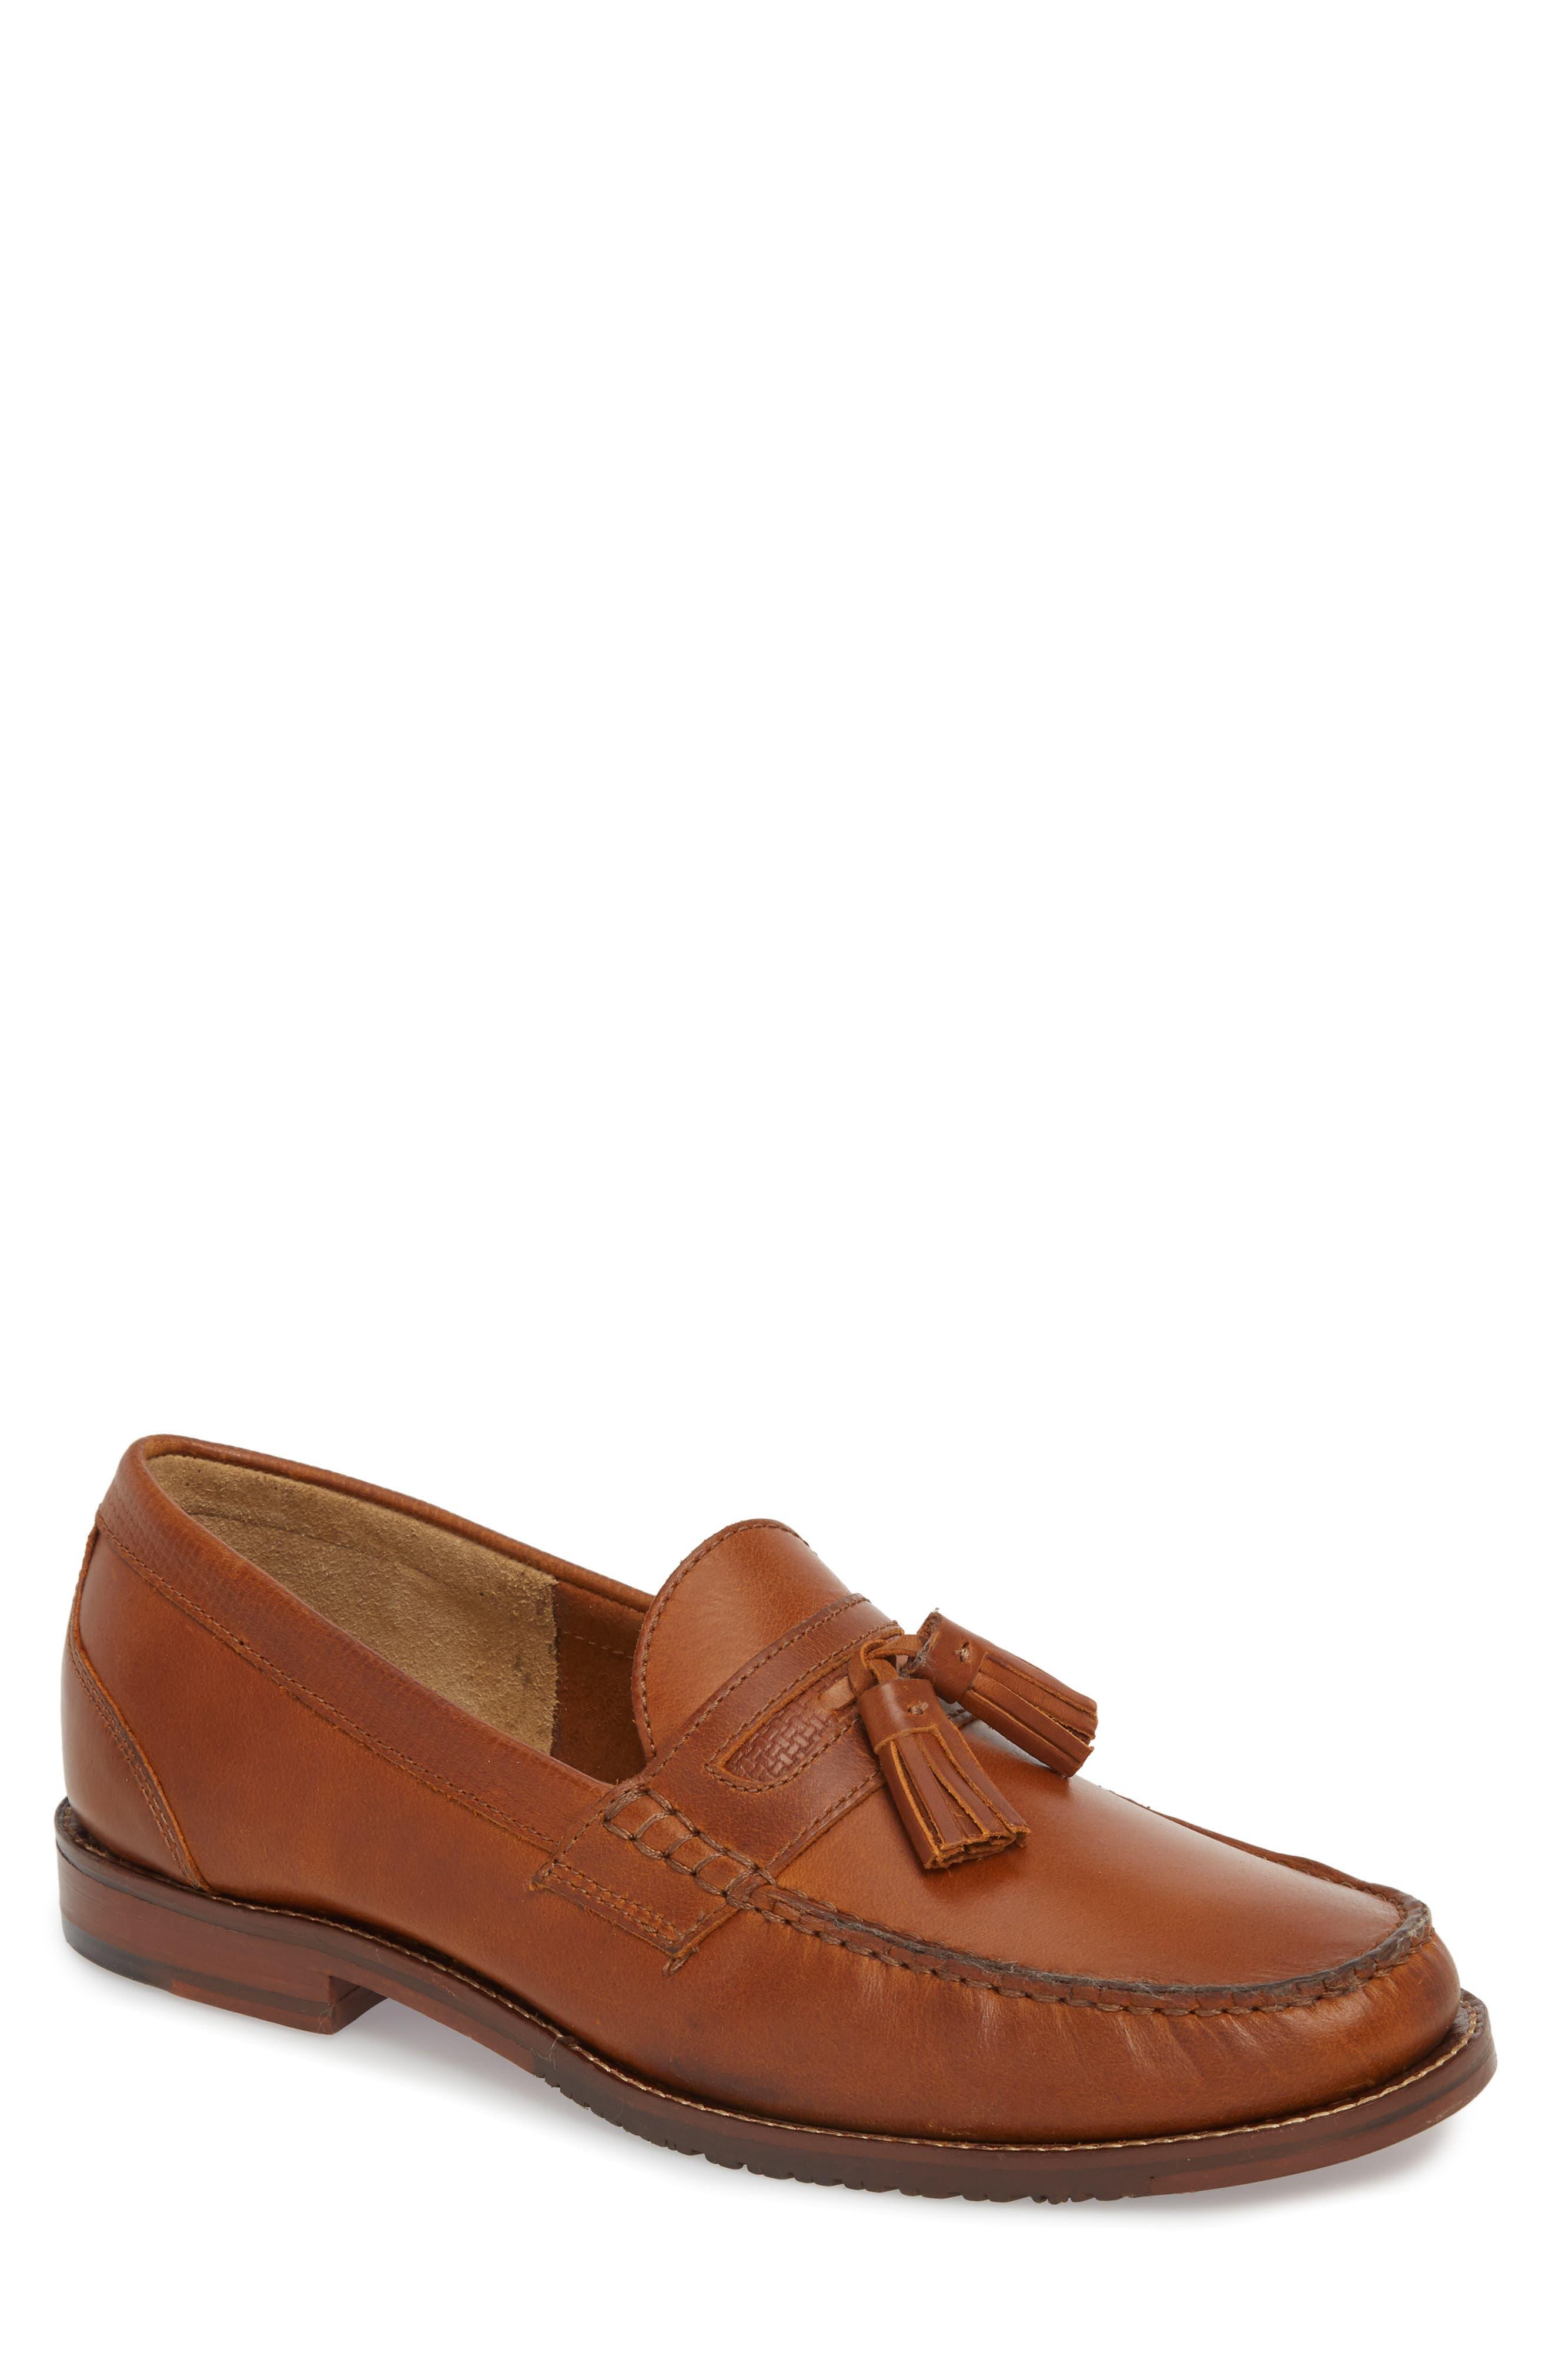 Tasslington Loafer,                         Main,                         color,